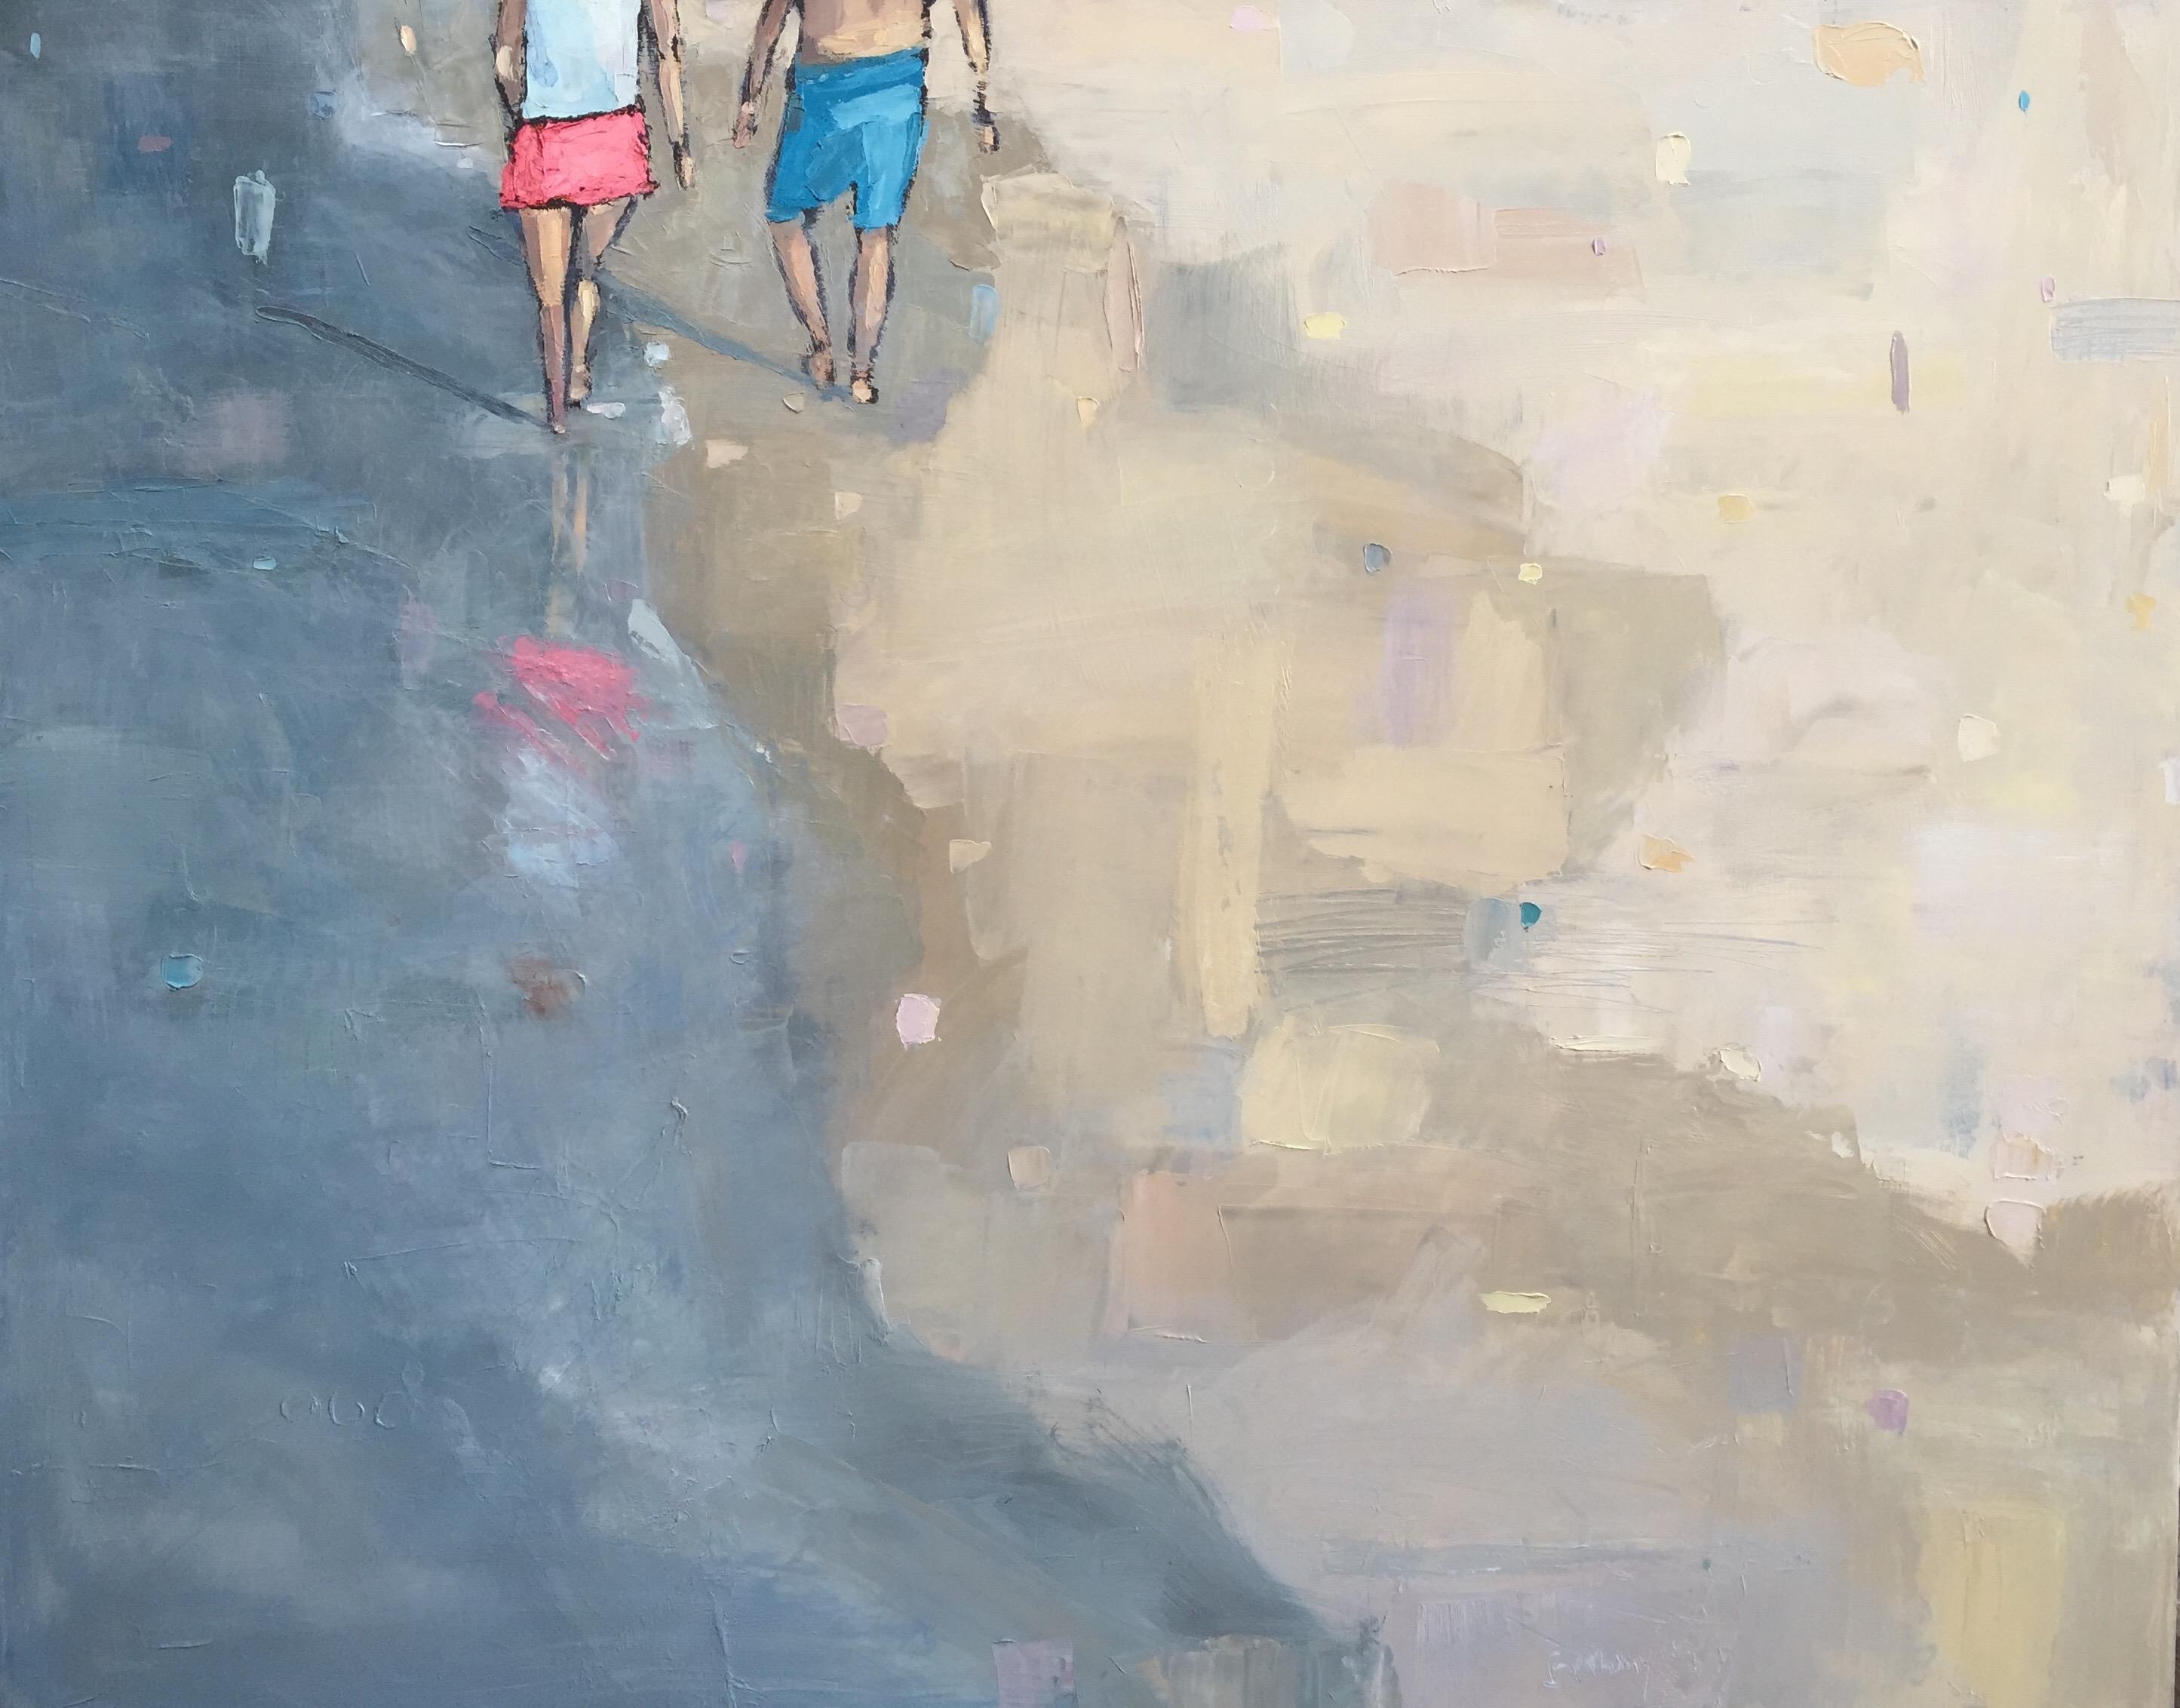 Walking. Talking. Barefoot.